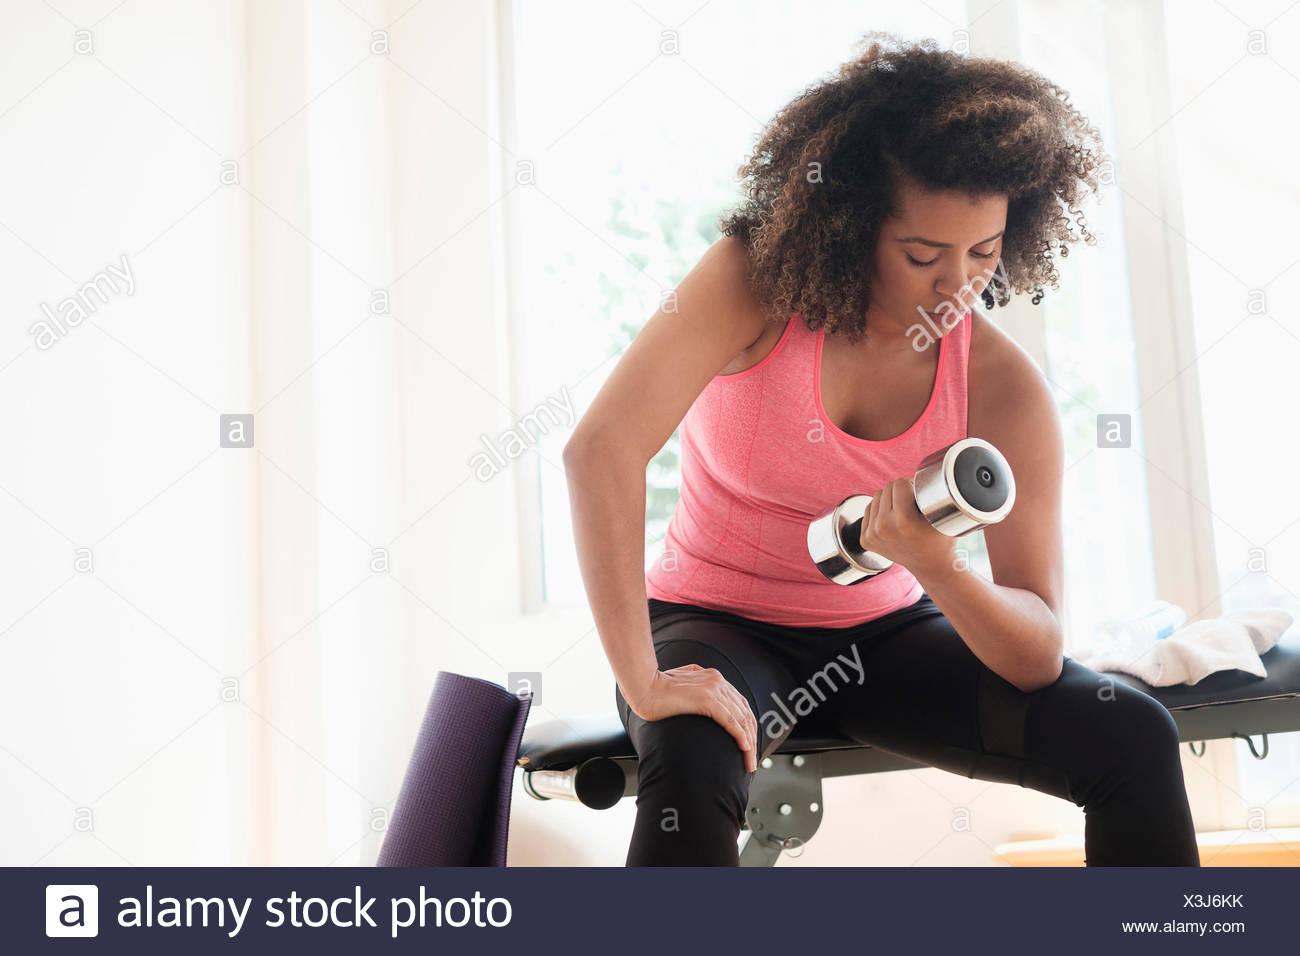 Mujer joven entrenamiento con pesas Imagen De Stock